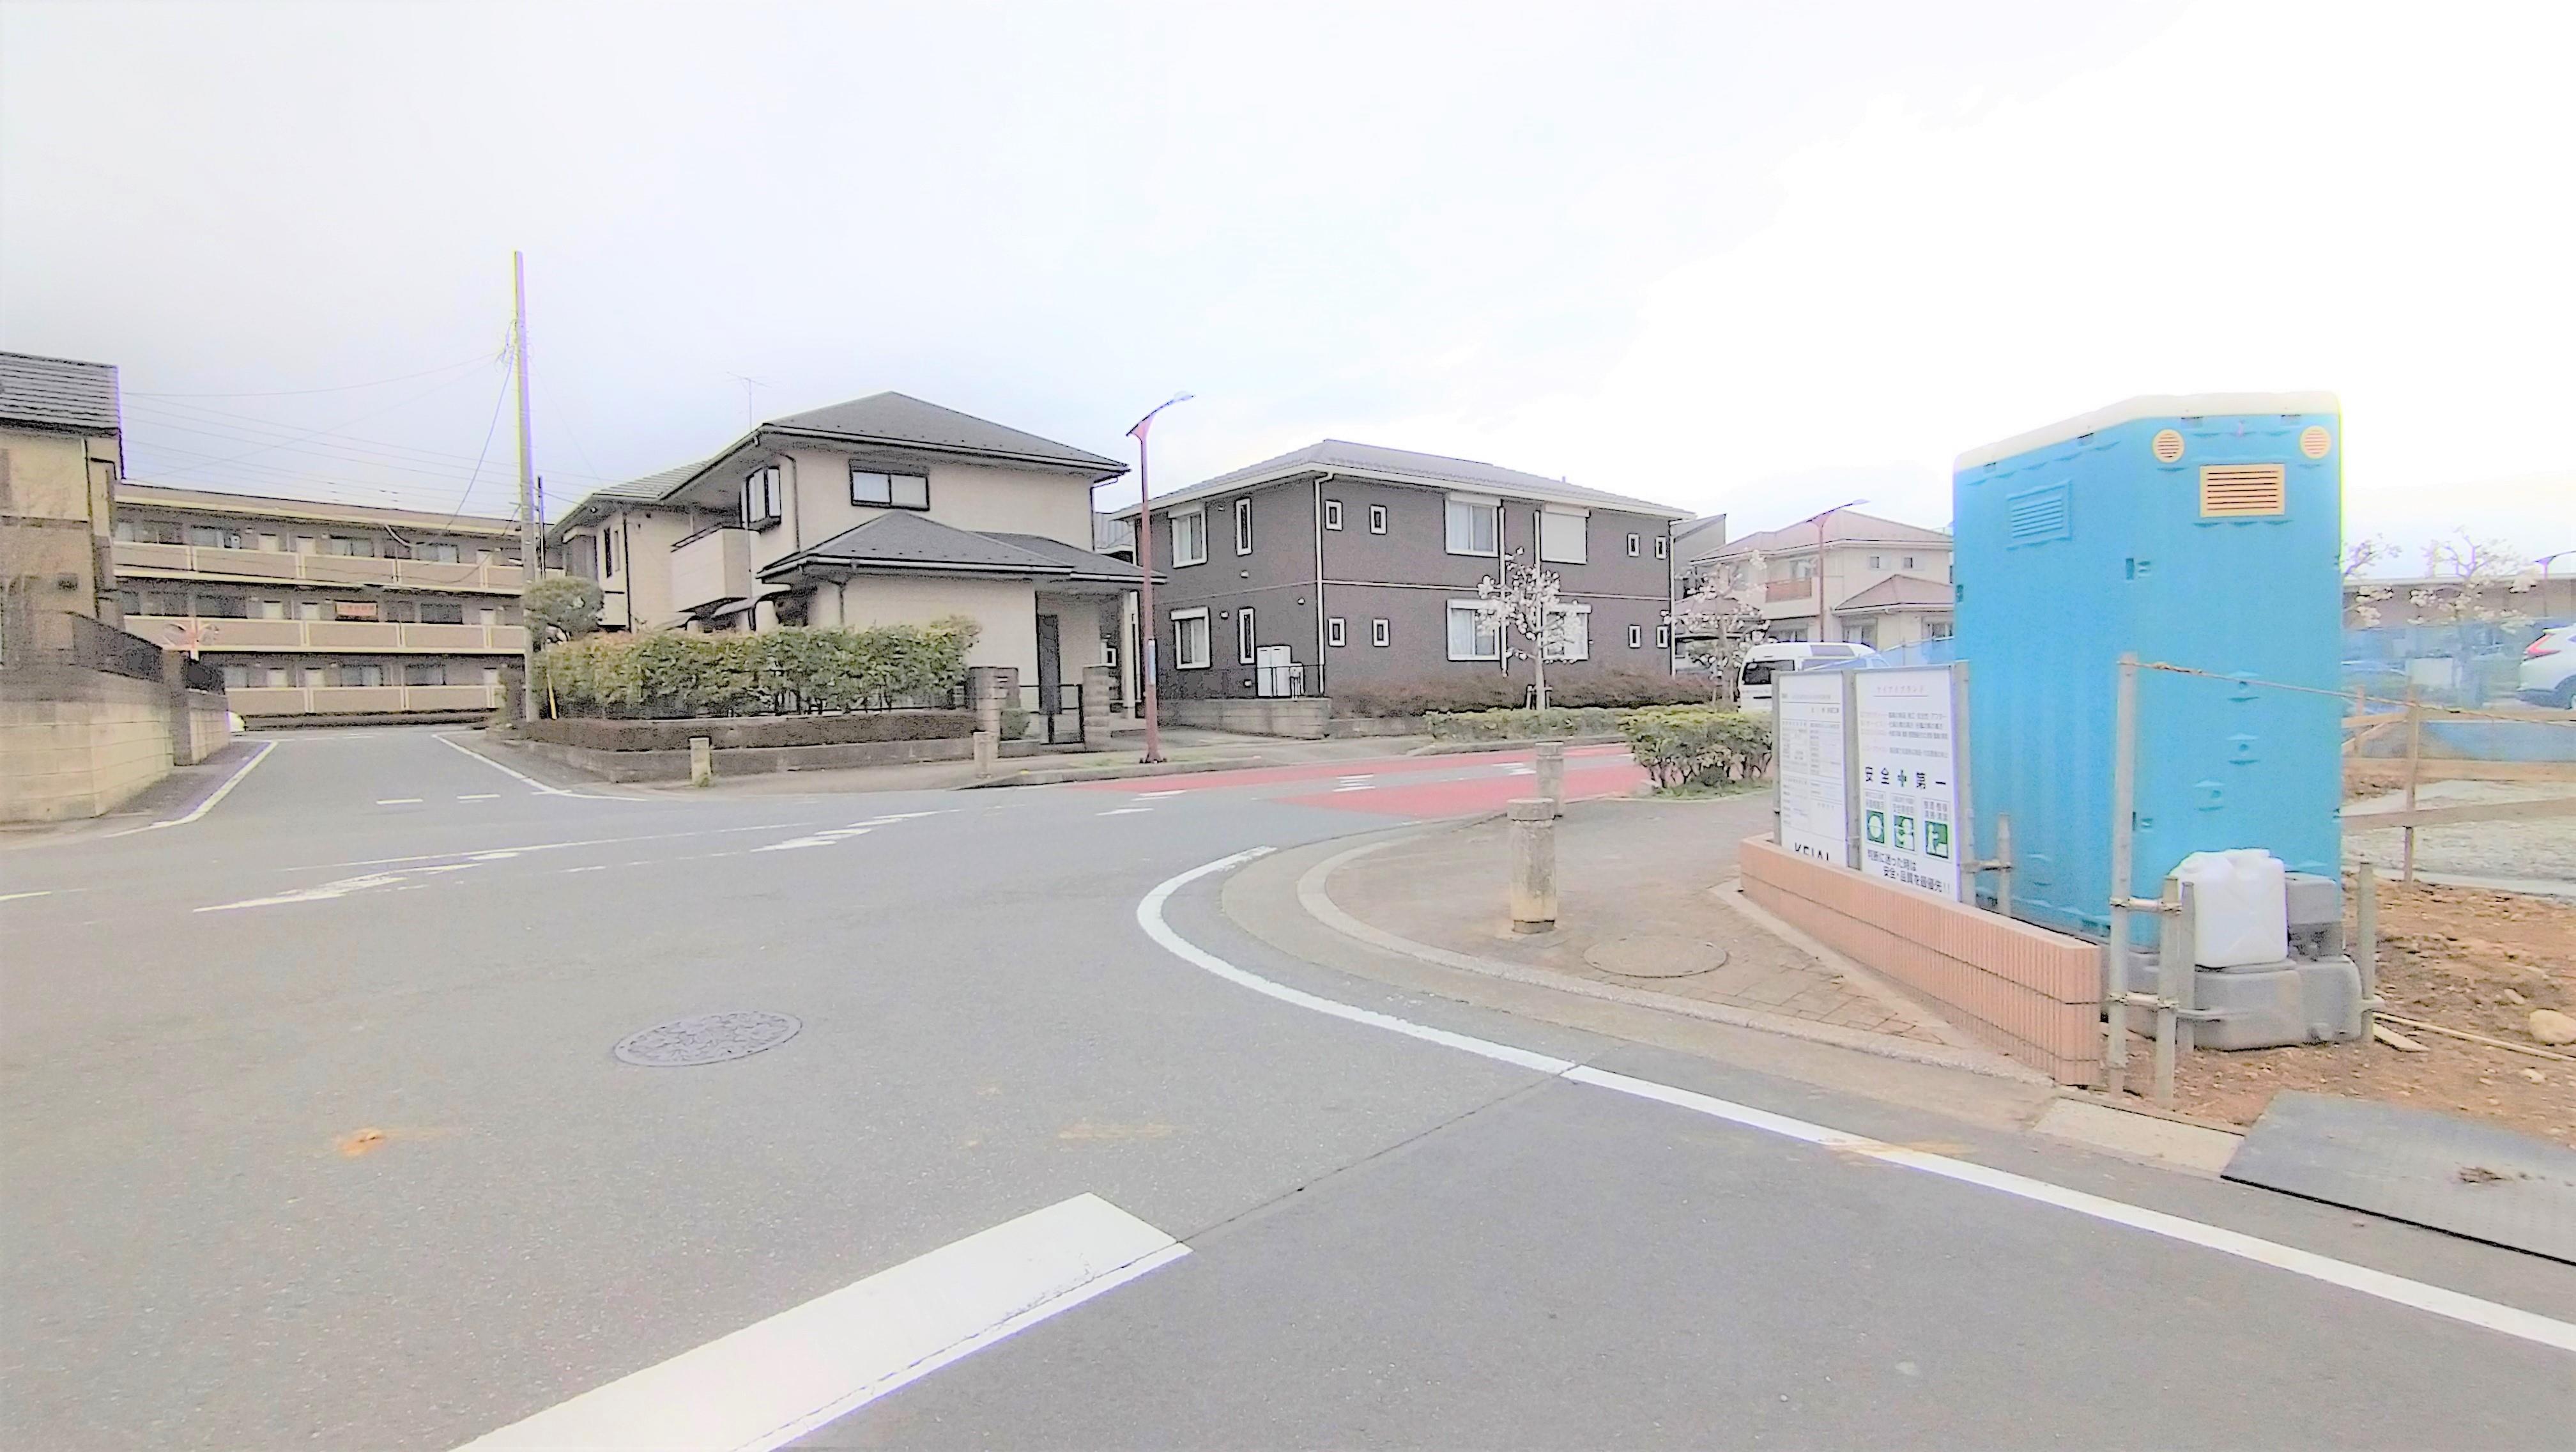 【KEIAI】 Zut PLUS+ 坂戸市にっさい花みず木5期 東松山ハウジングセンター